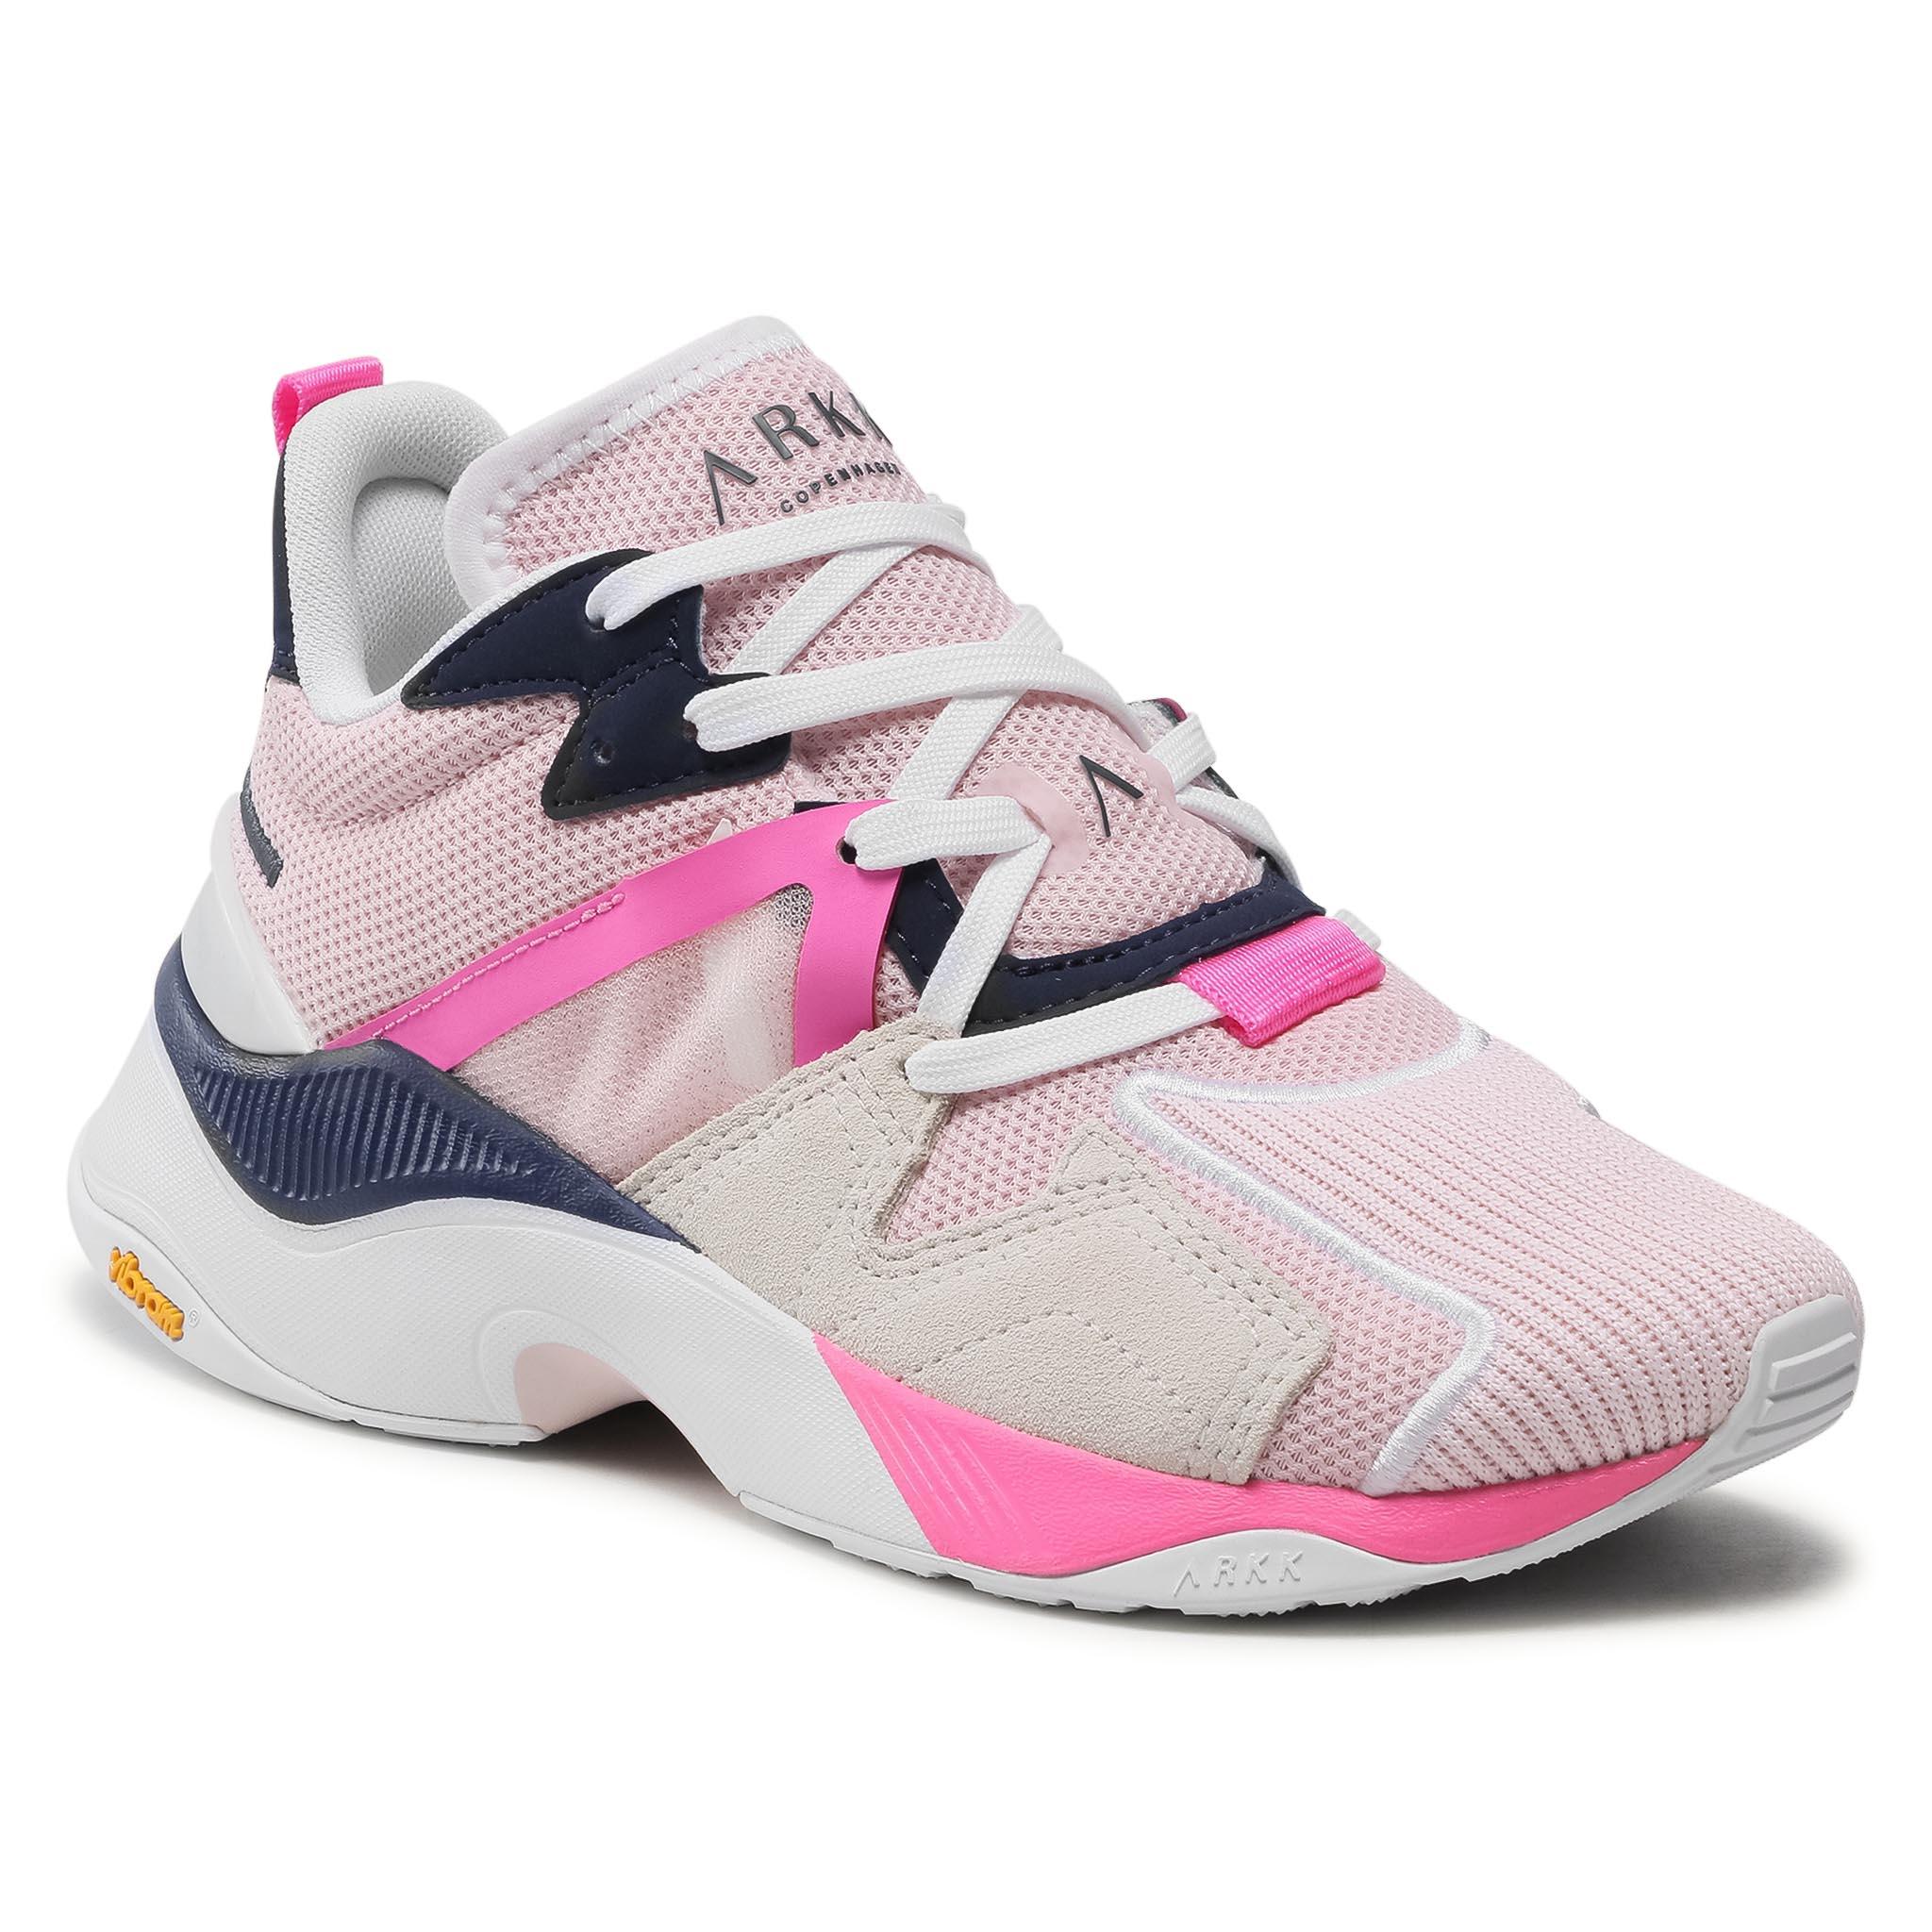 Image of Sneakers ARKK COPENHAGEN - Cruisr Mesh Vulkn Vibram TE5401-0204-W Light Pink White